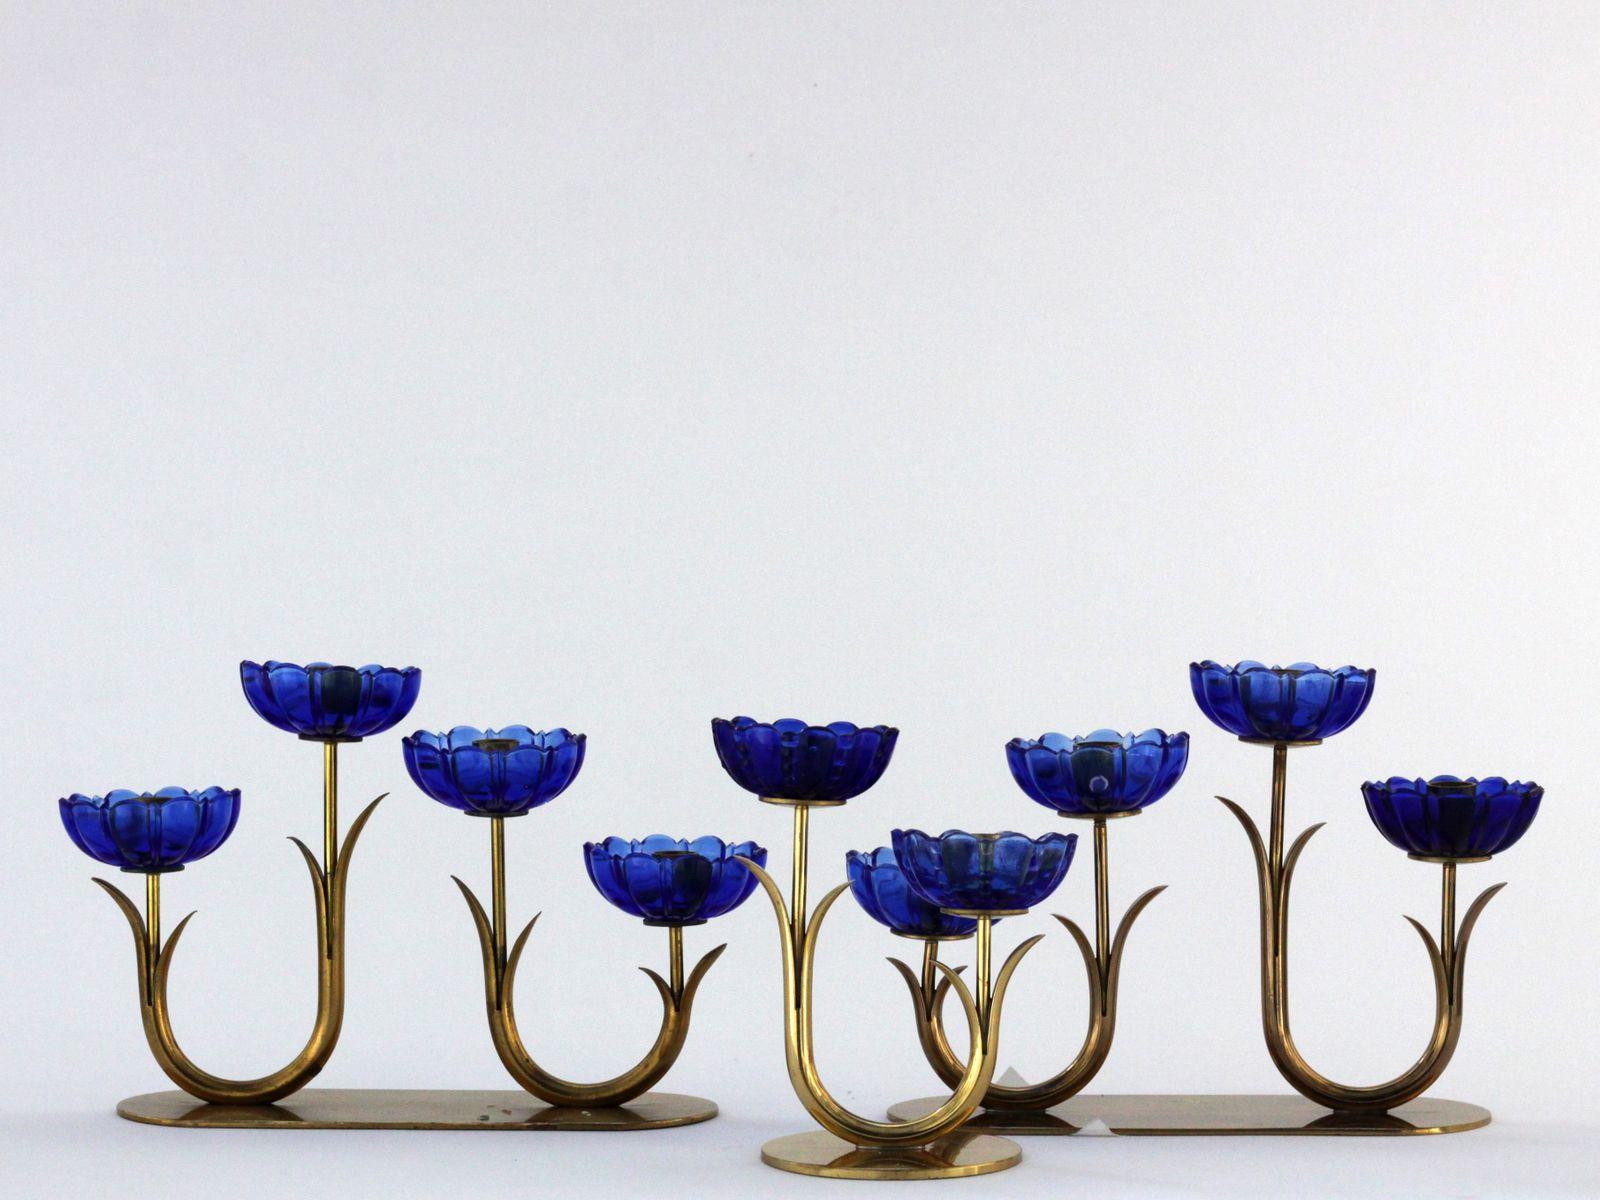 kerzenst nder aus messing glas von gunnar ander f r. Black Bedroom Furniture Sets. Home Design Ideas